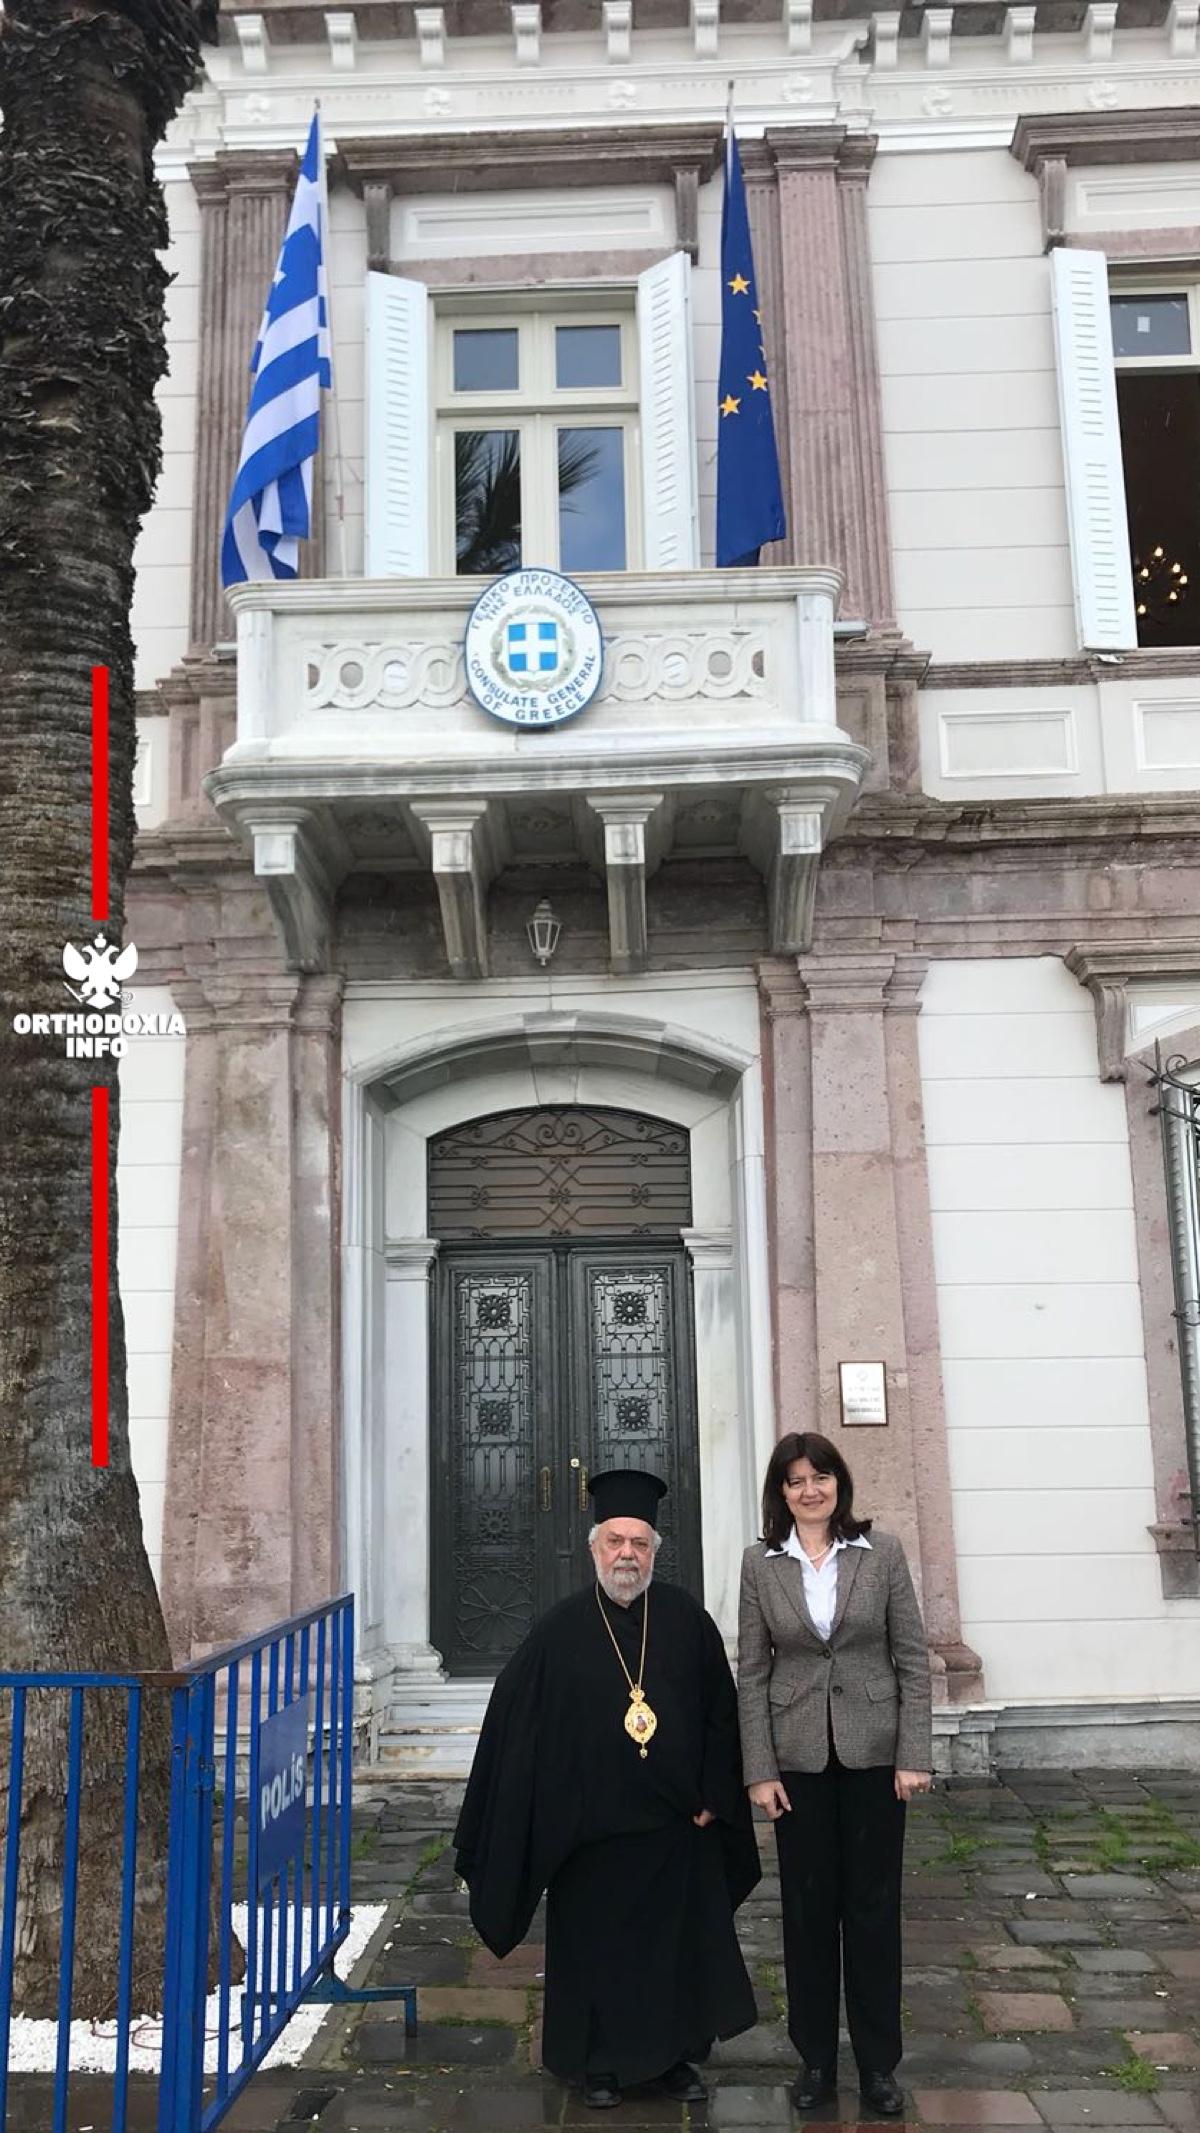 Με τη Γενική Πρόξενο της Ελλάδας στη Σμύρνη κ. Αργυρώ Παπούλια